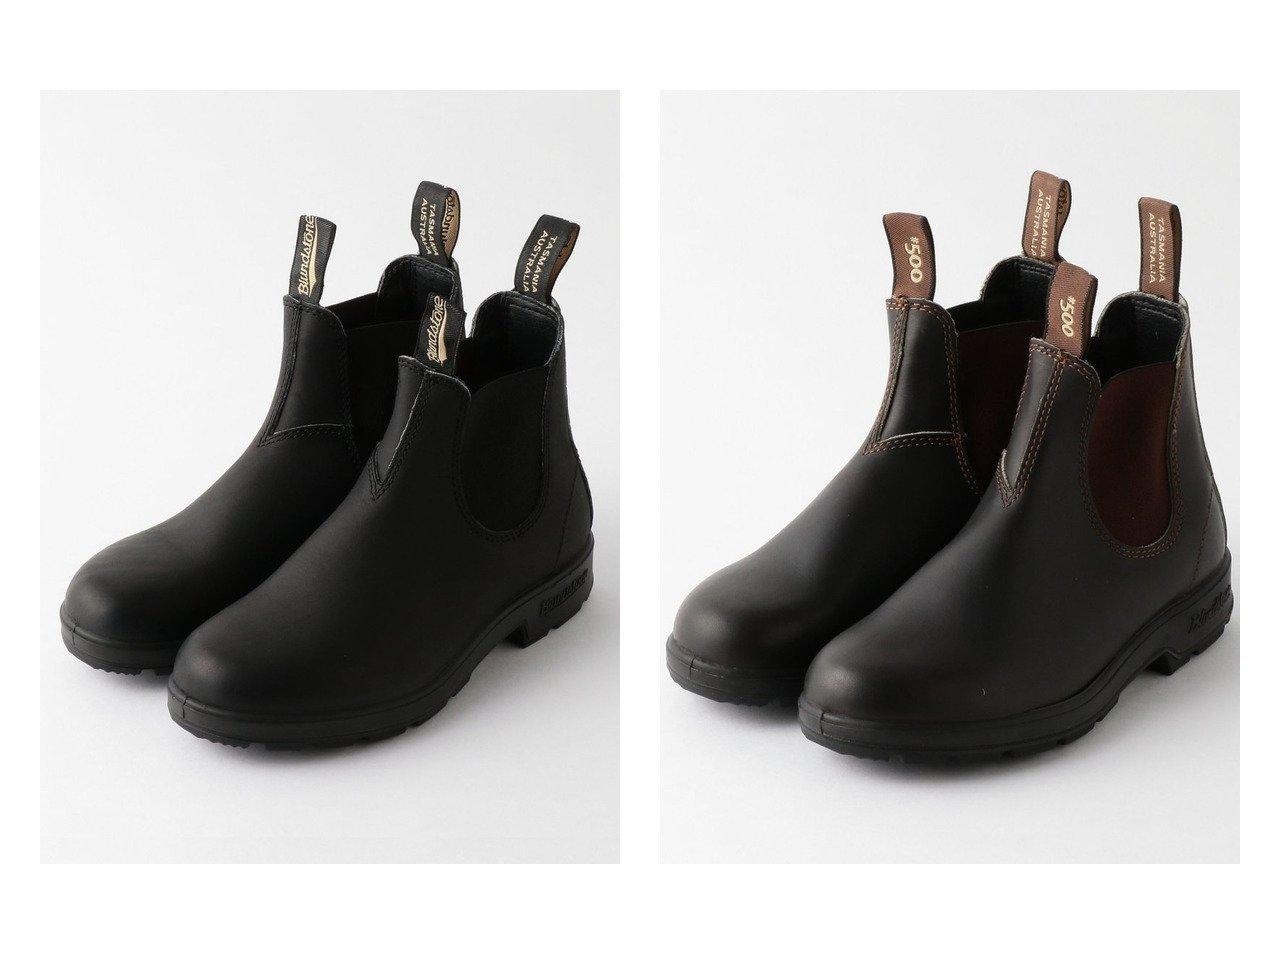 【BEAUTY&YOUTH UNITED ARROWS/ビューティアンド ユースユナイテッドアローズ】のBlundstone レザーサイドゴアブーツ シューズ・靴のおすすめ!人気、トレンド・レディースファッションの通販 おすすめで人気の流行・トレンド、ファッションの通販商品 メンズファッション・キッズファッション・インテリア・家具・レディースファッション・服の通販 founy(ファニー) https://founy.com/ ファッション Fashion レディースファッション WOMEN アウトドア クラシカル シューズ ショート シンプル |ID:crp329100000012955